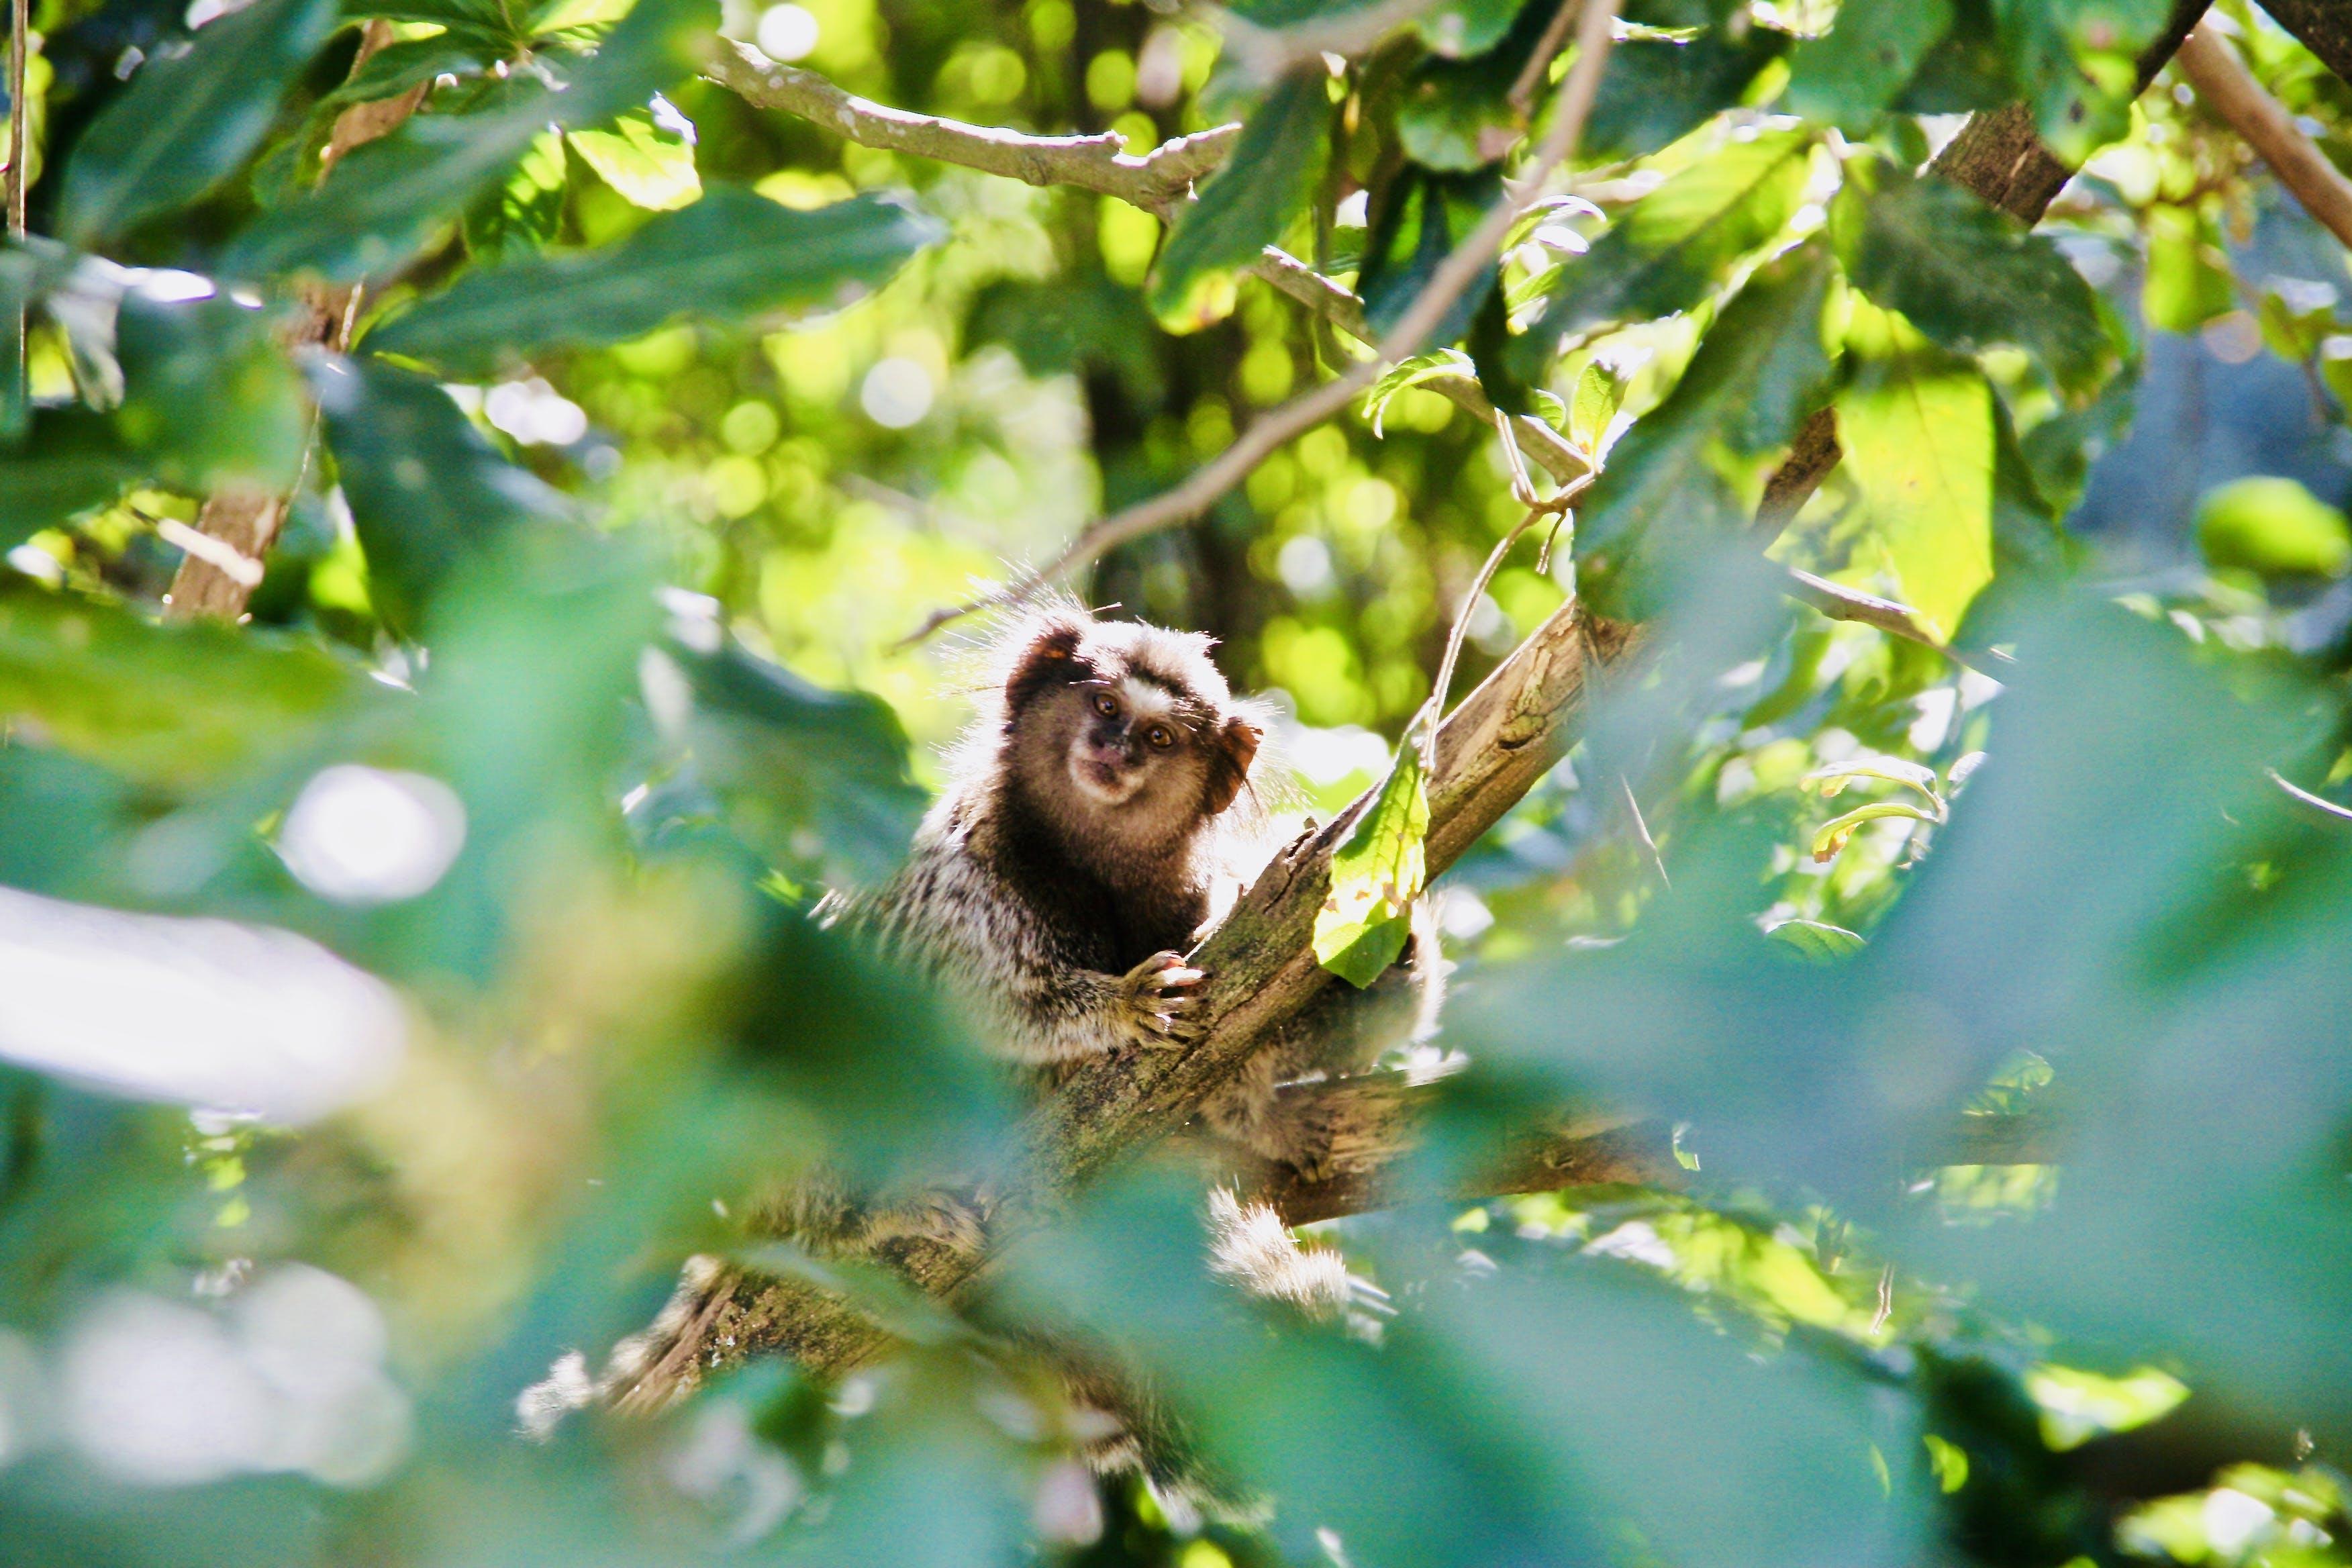 Δωρεάν στοκ φωτογραφιών με άγρια ζωή, άγριο ζώο, άγριος, μαϊμού